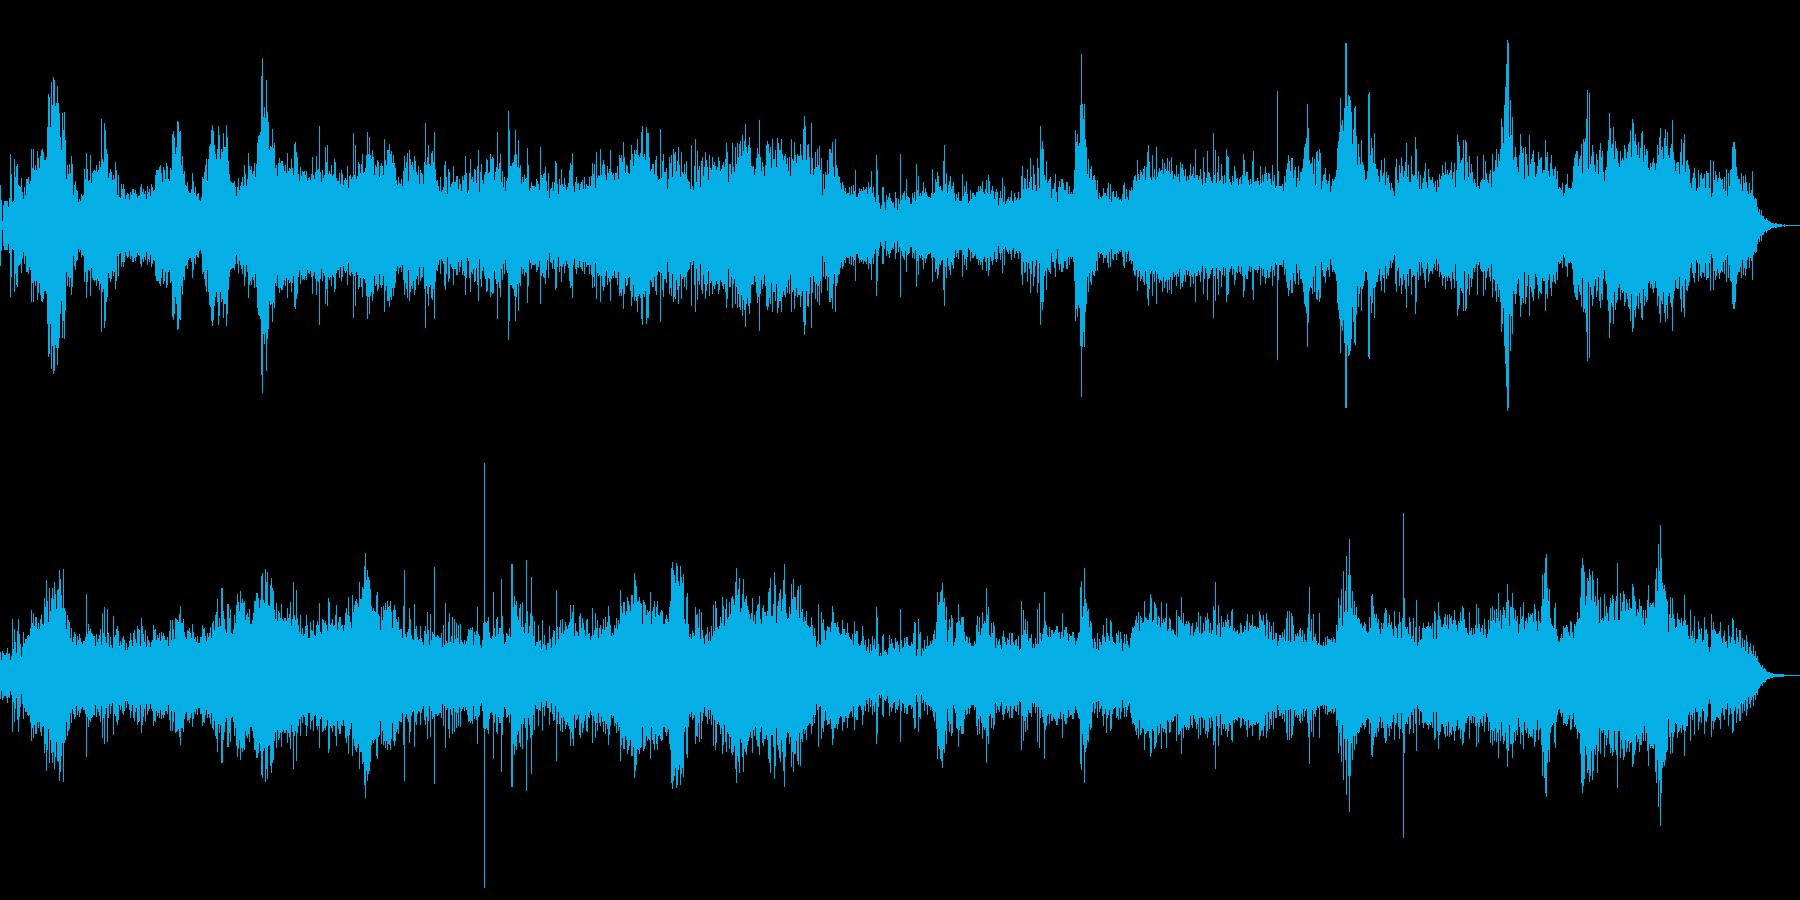 不気味なガリガリノイズのするホラーアンビの再生済みの波形